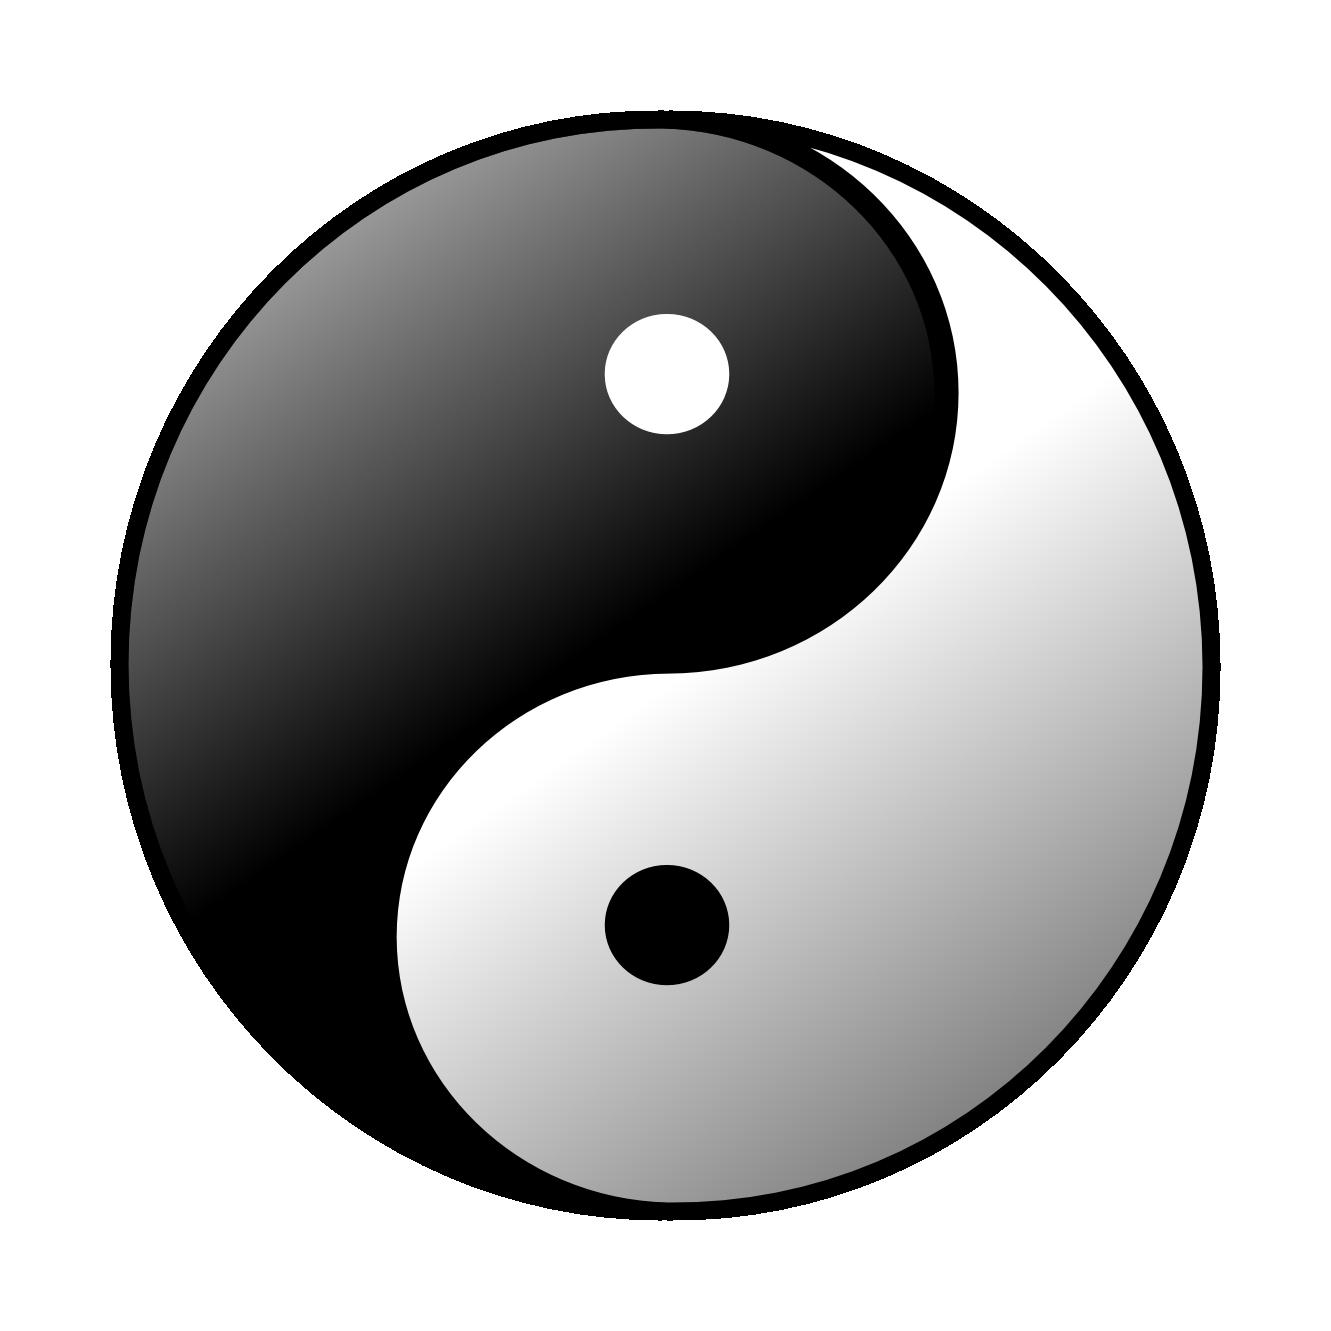 Ying Yang Tattoos 1 Png 1 331 1 331 Pixels Yin Yang Yin Yang Tattoos Yin